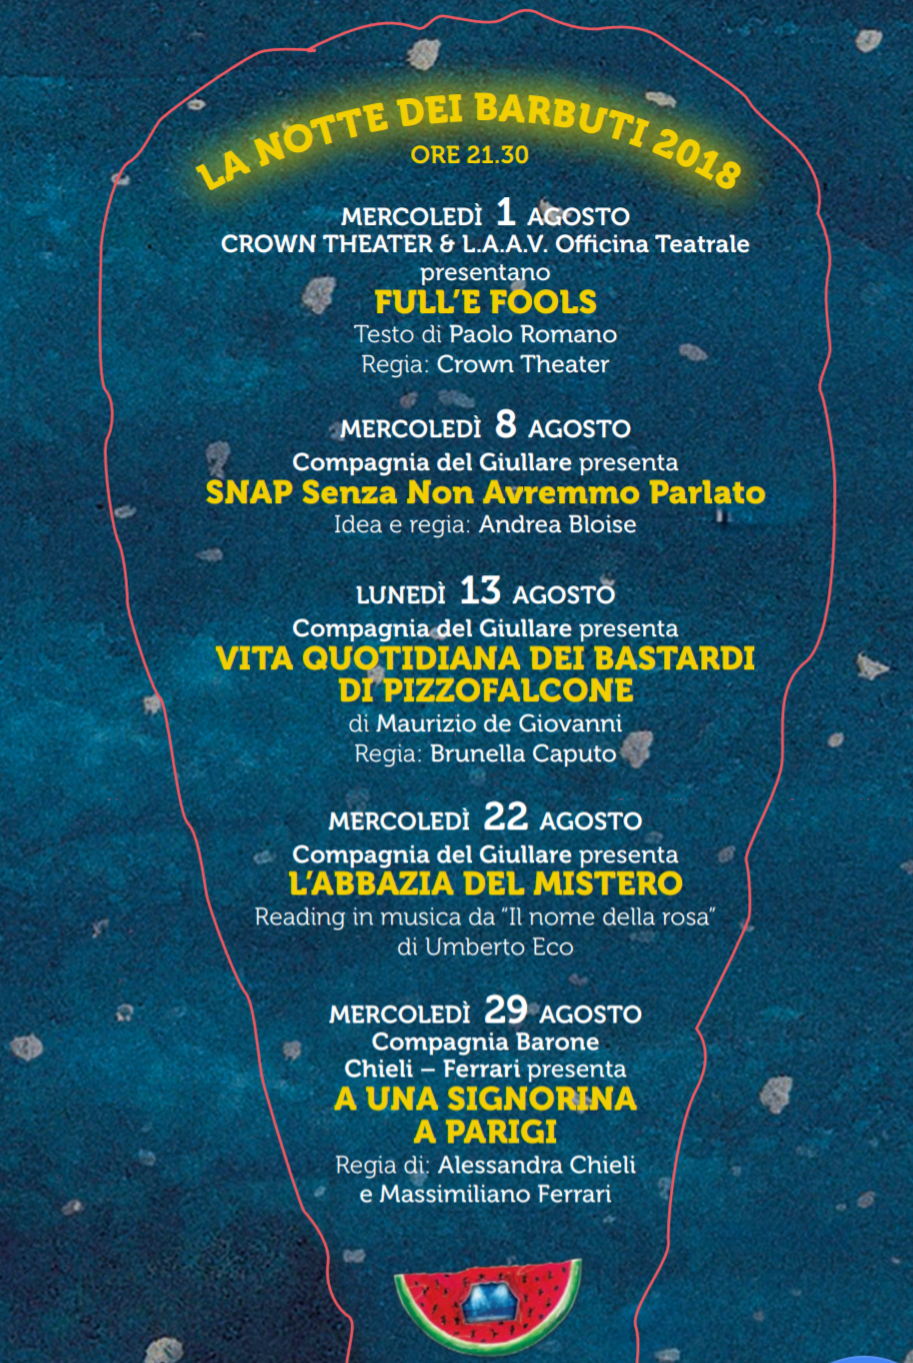 Barbuti Festival 2018 Salerno-Programma